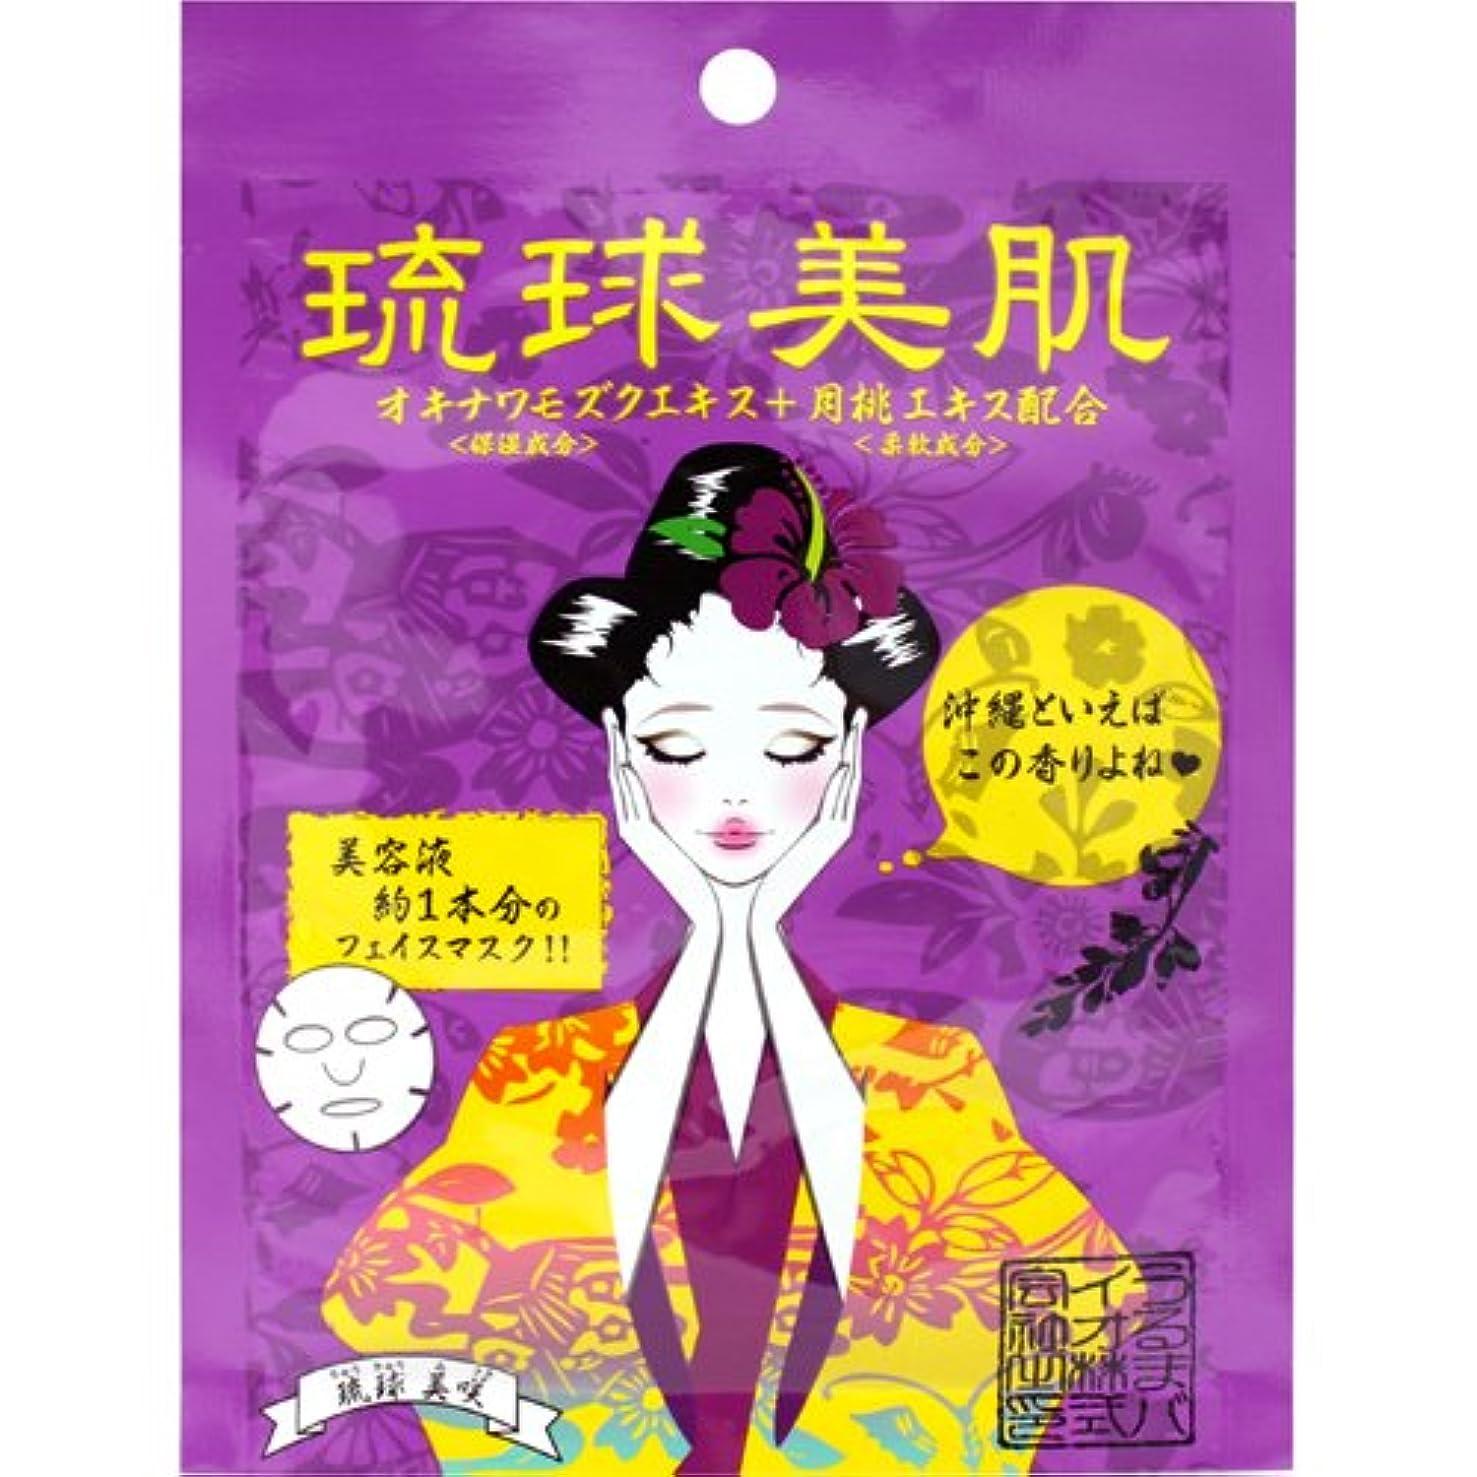 部門炭素裁判所琉球美肌 フェイスマスクシート 月桃の香り 10枚セット